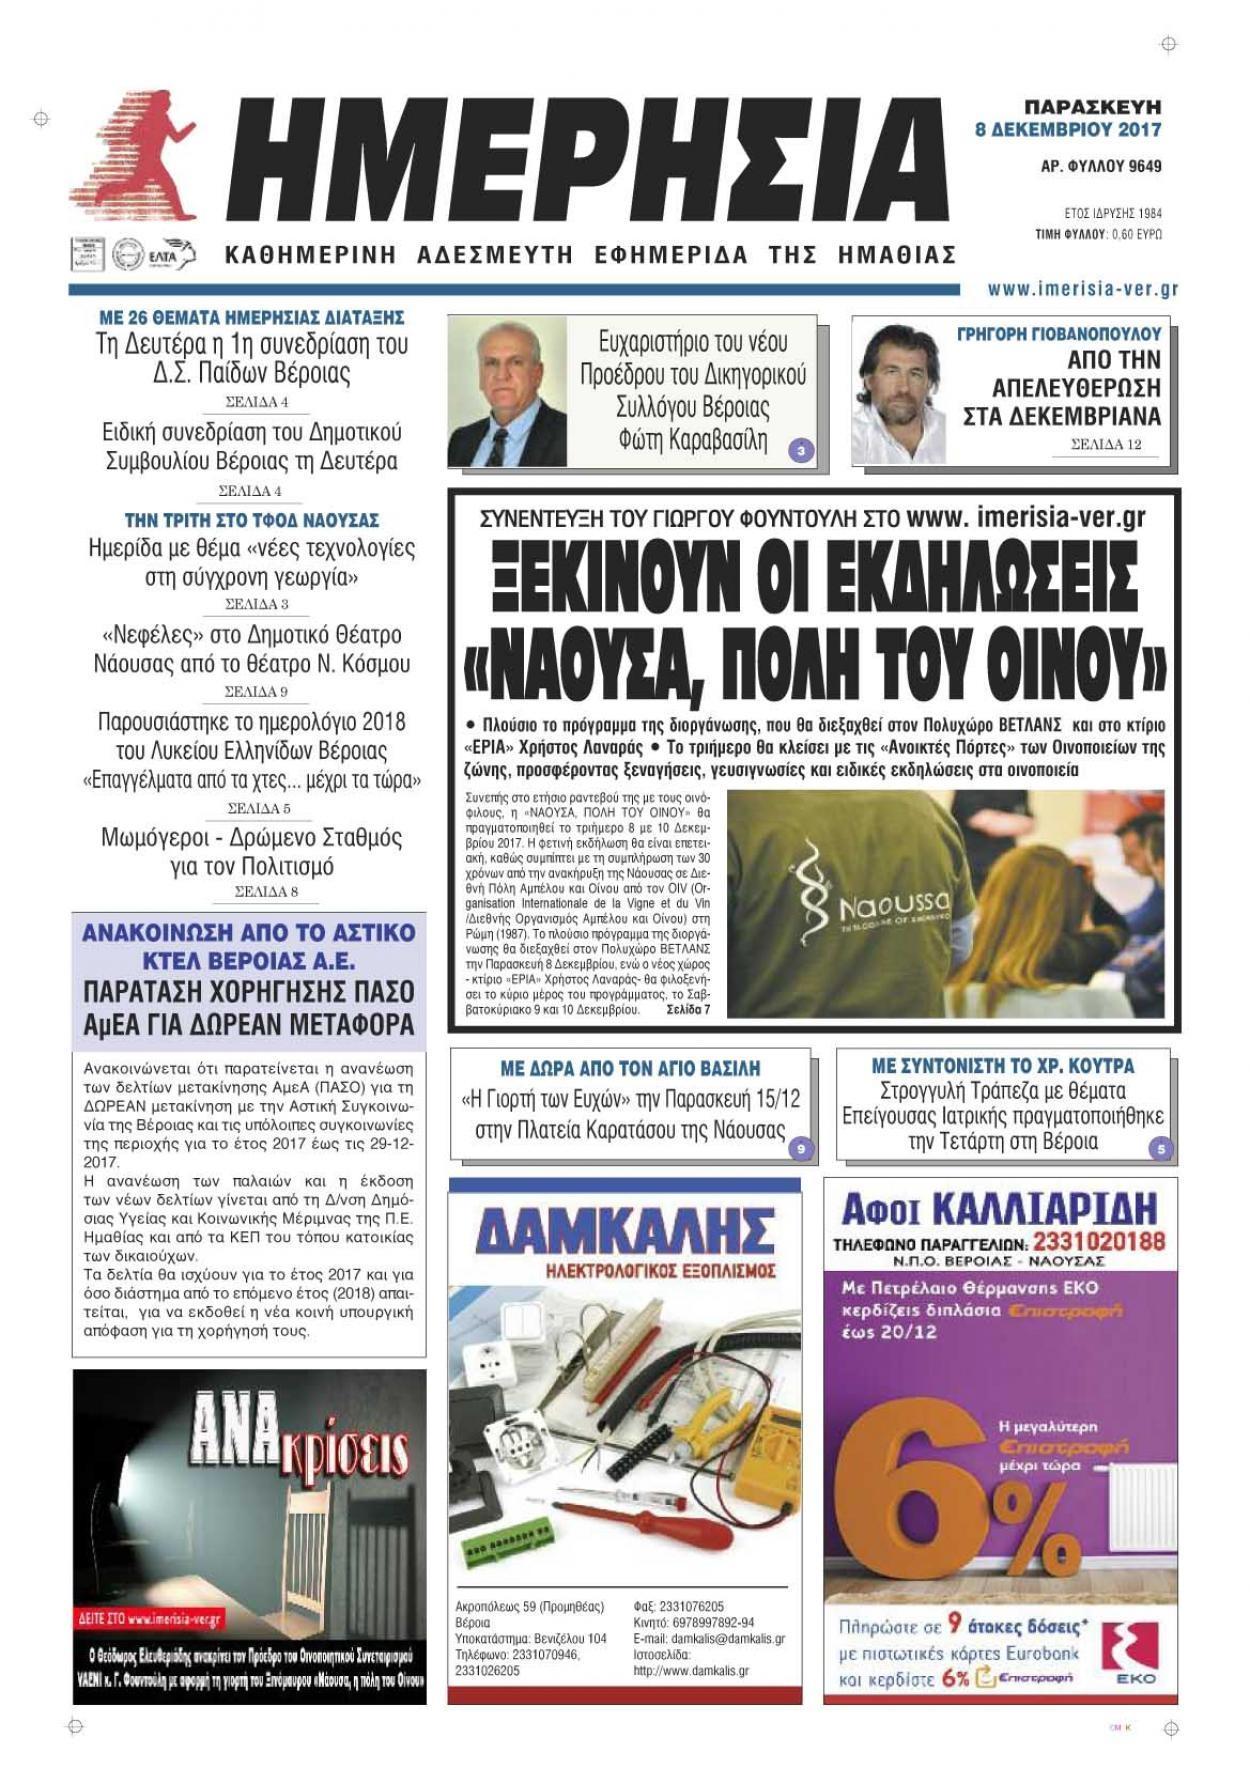 Πρωτοσέλιδο εφημερίδας Ημερησία Βέροιας